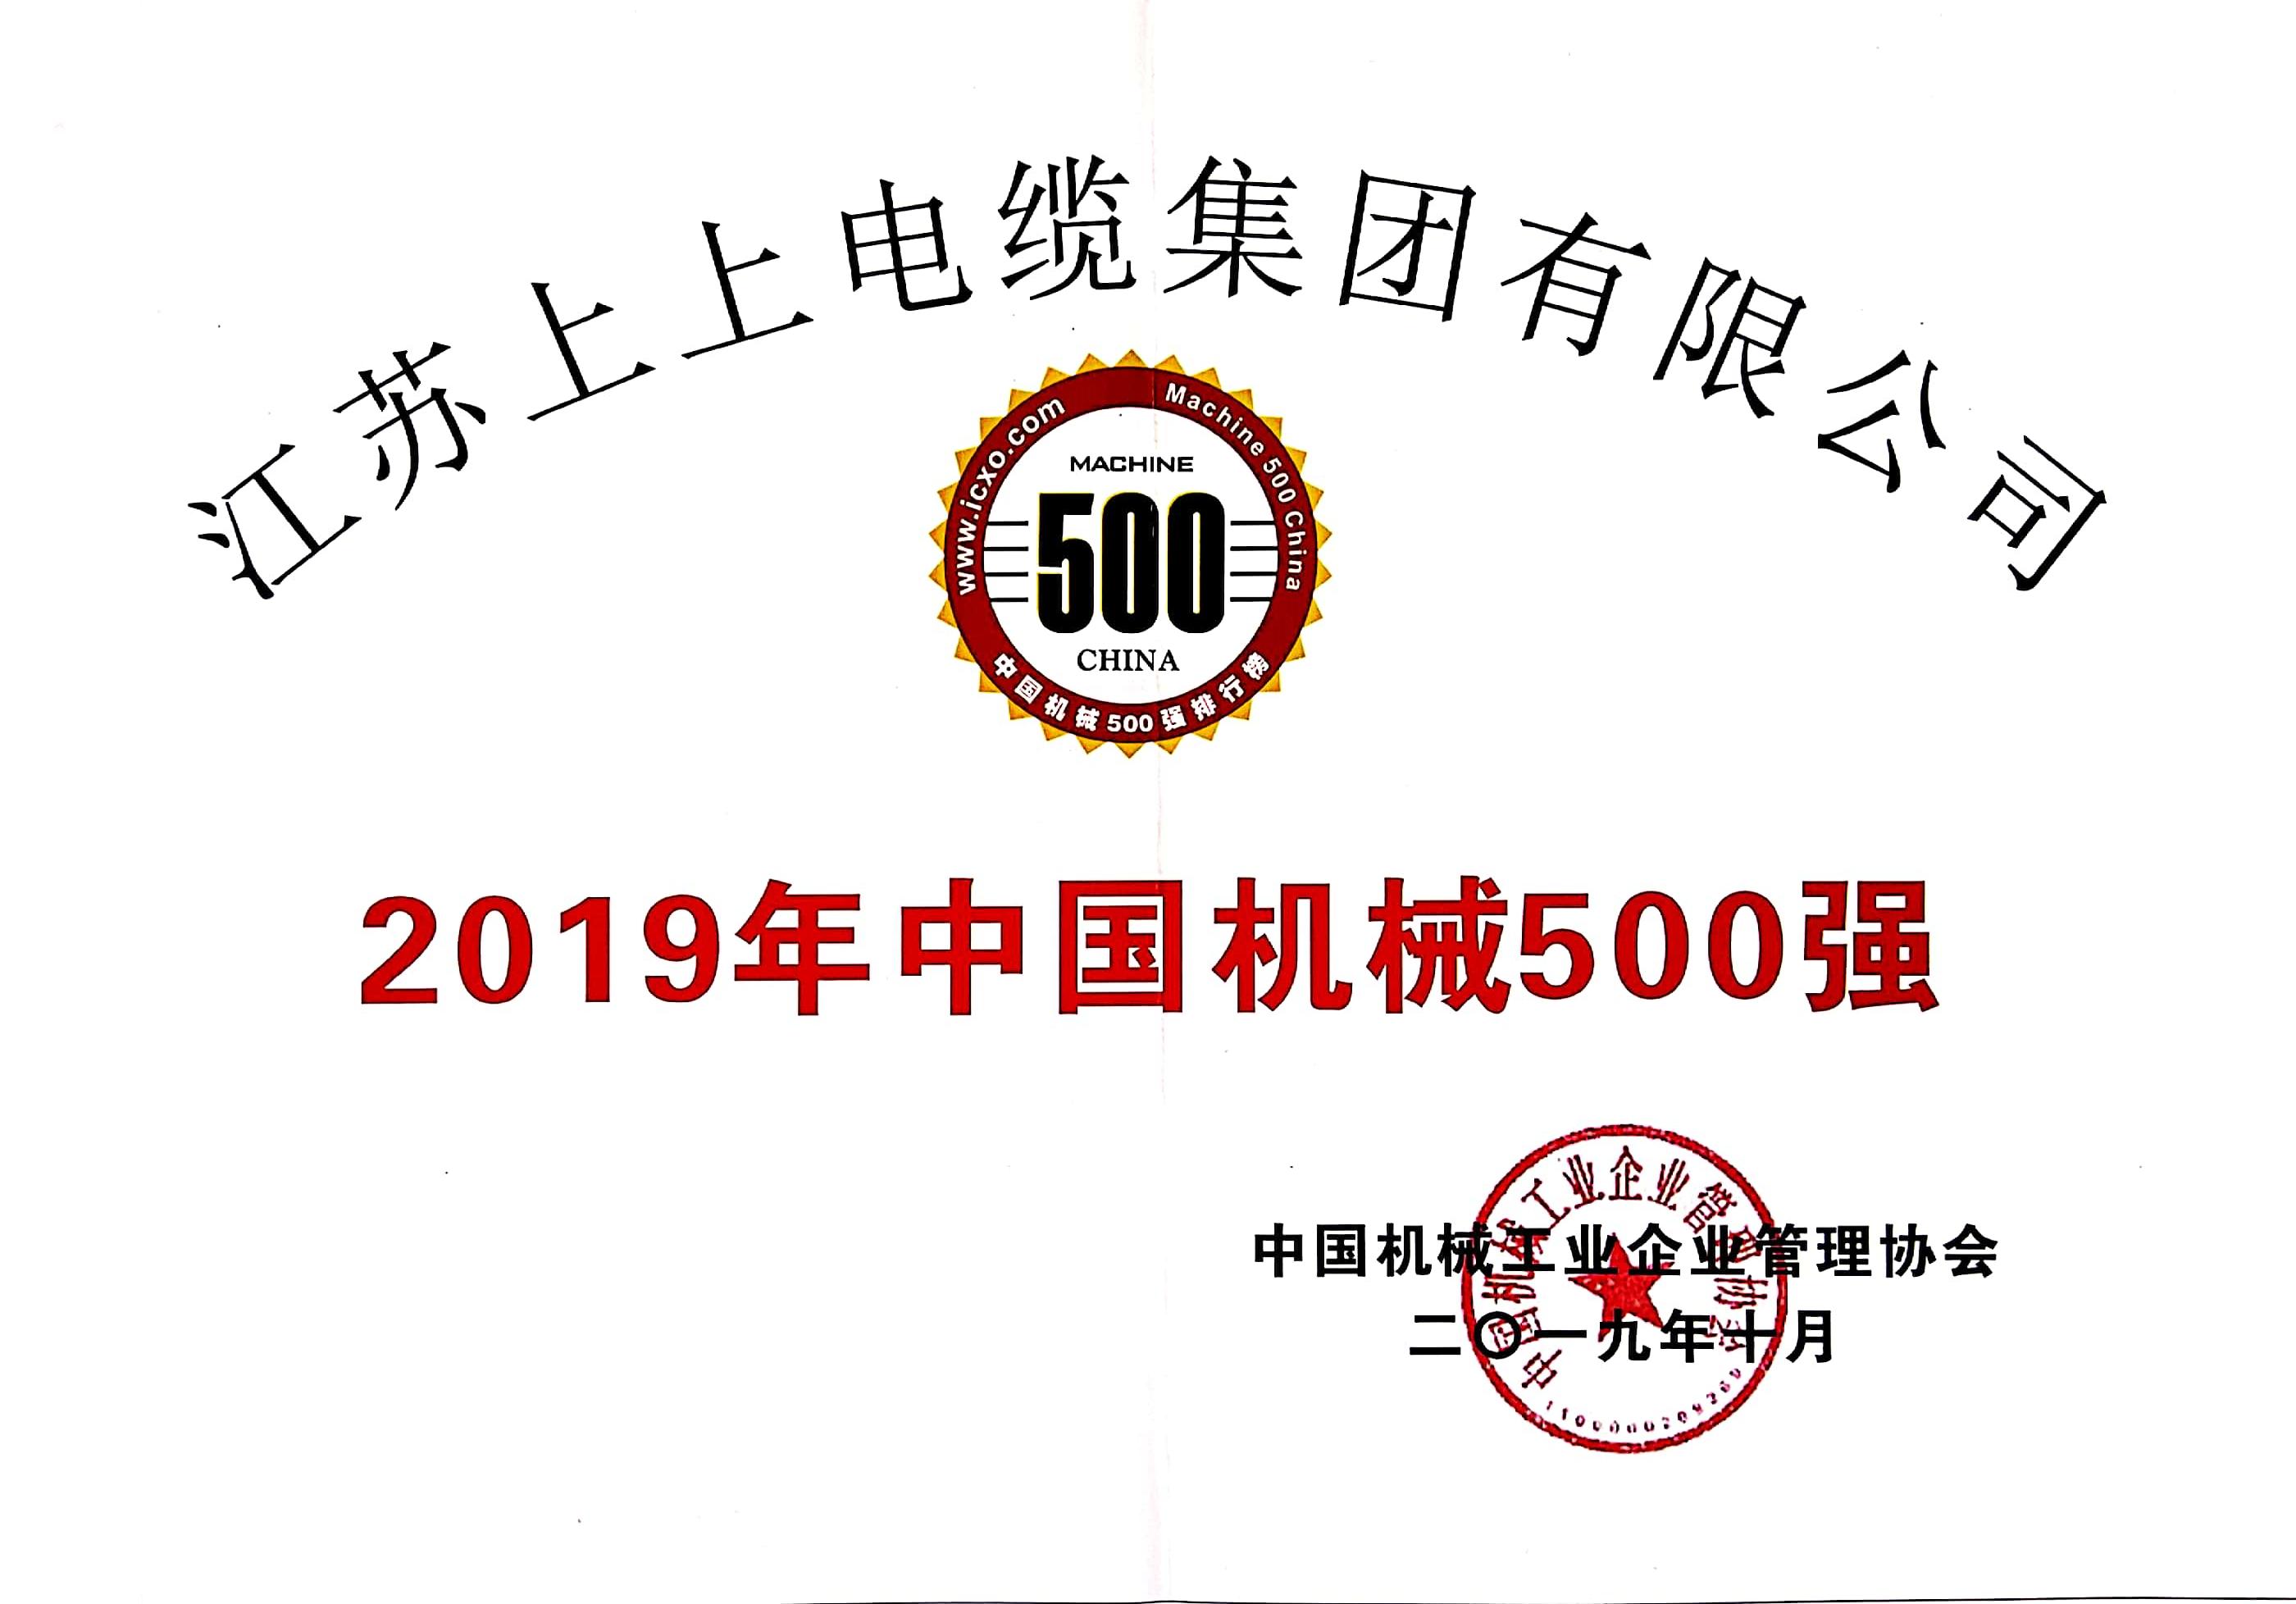 上上电缆入选中国机械500强,排名第61位